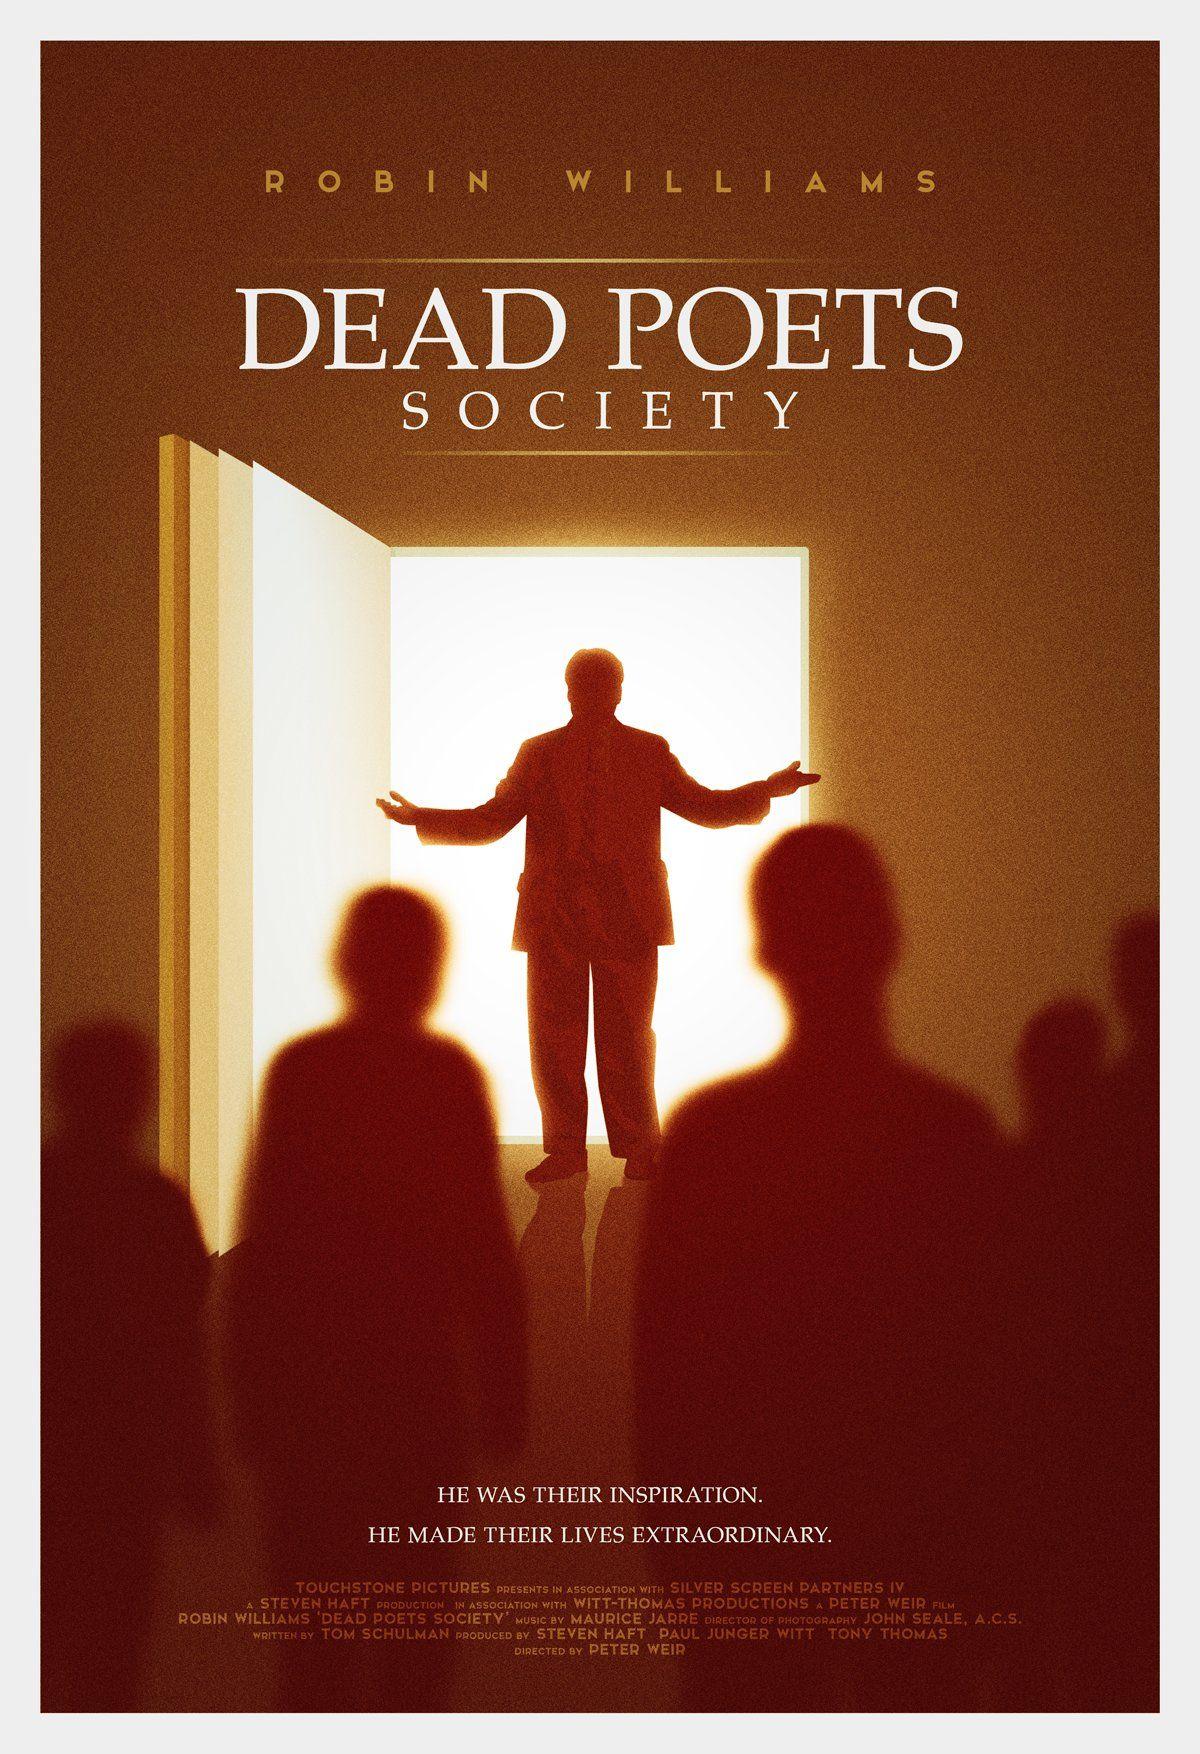 Dead Poets Society 1989 1200 1754 By Eileen Steinbach In 2020 Dead Poets Society Posters Dead Poets Society Dead Poets